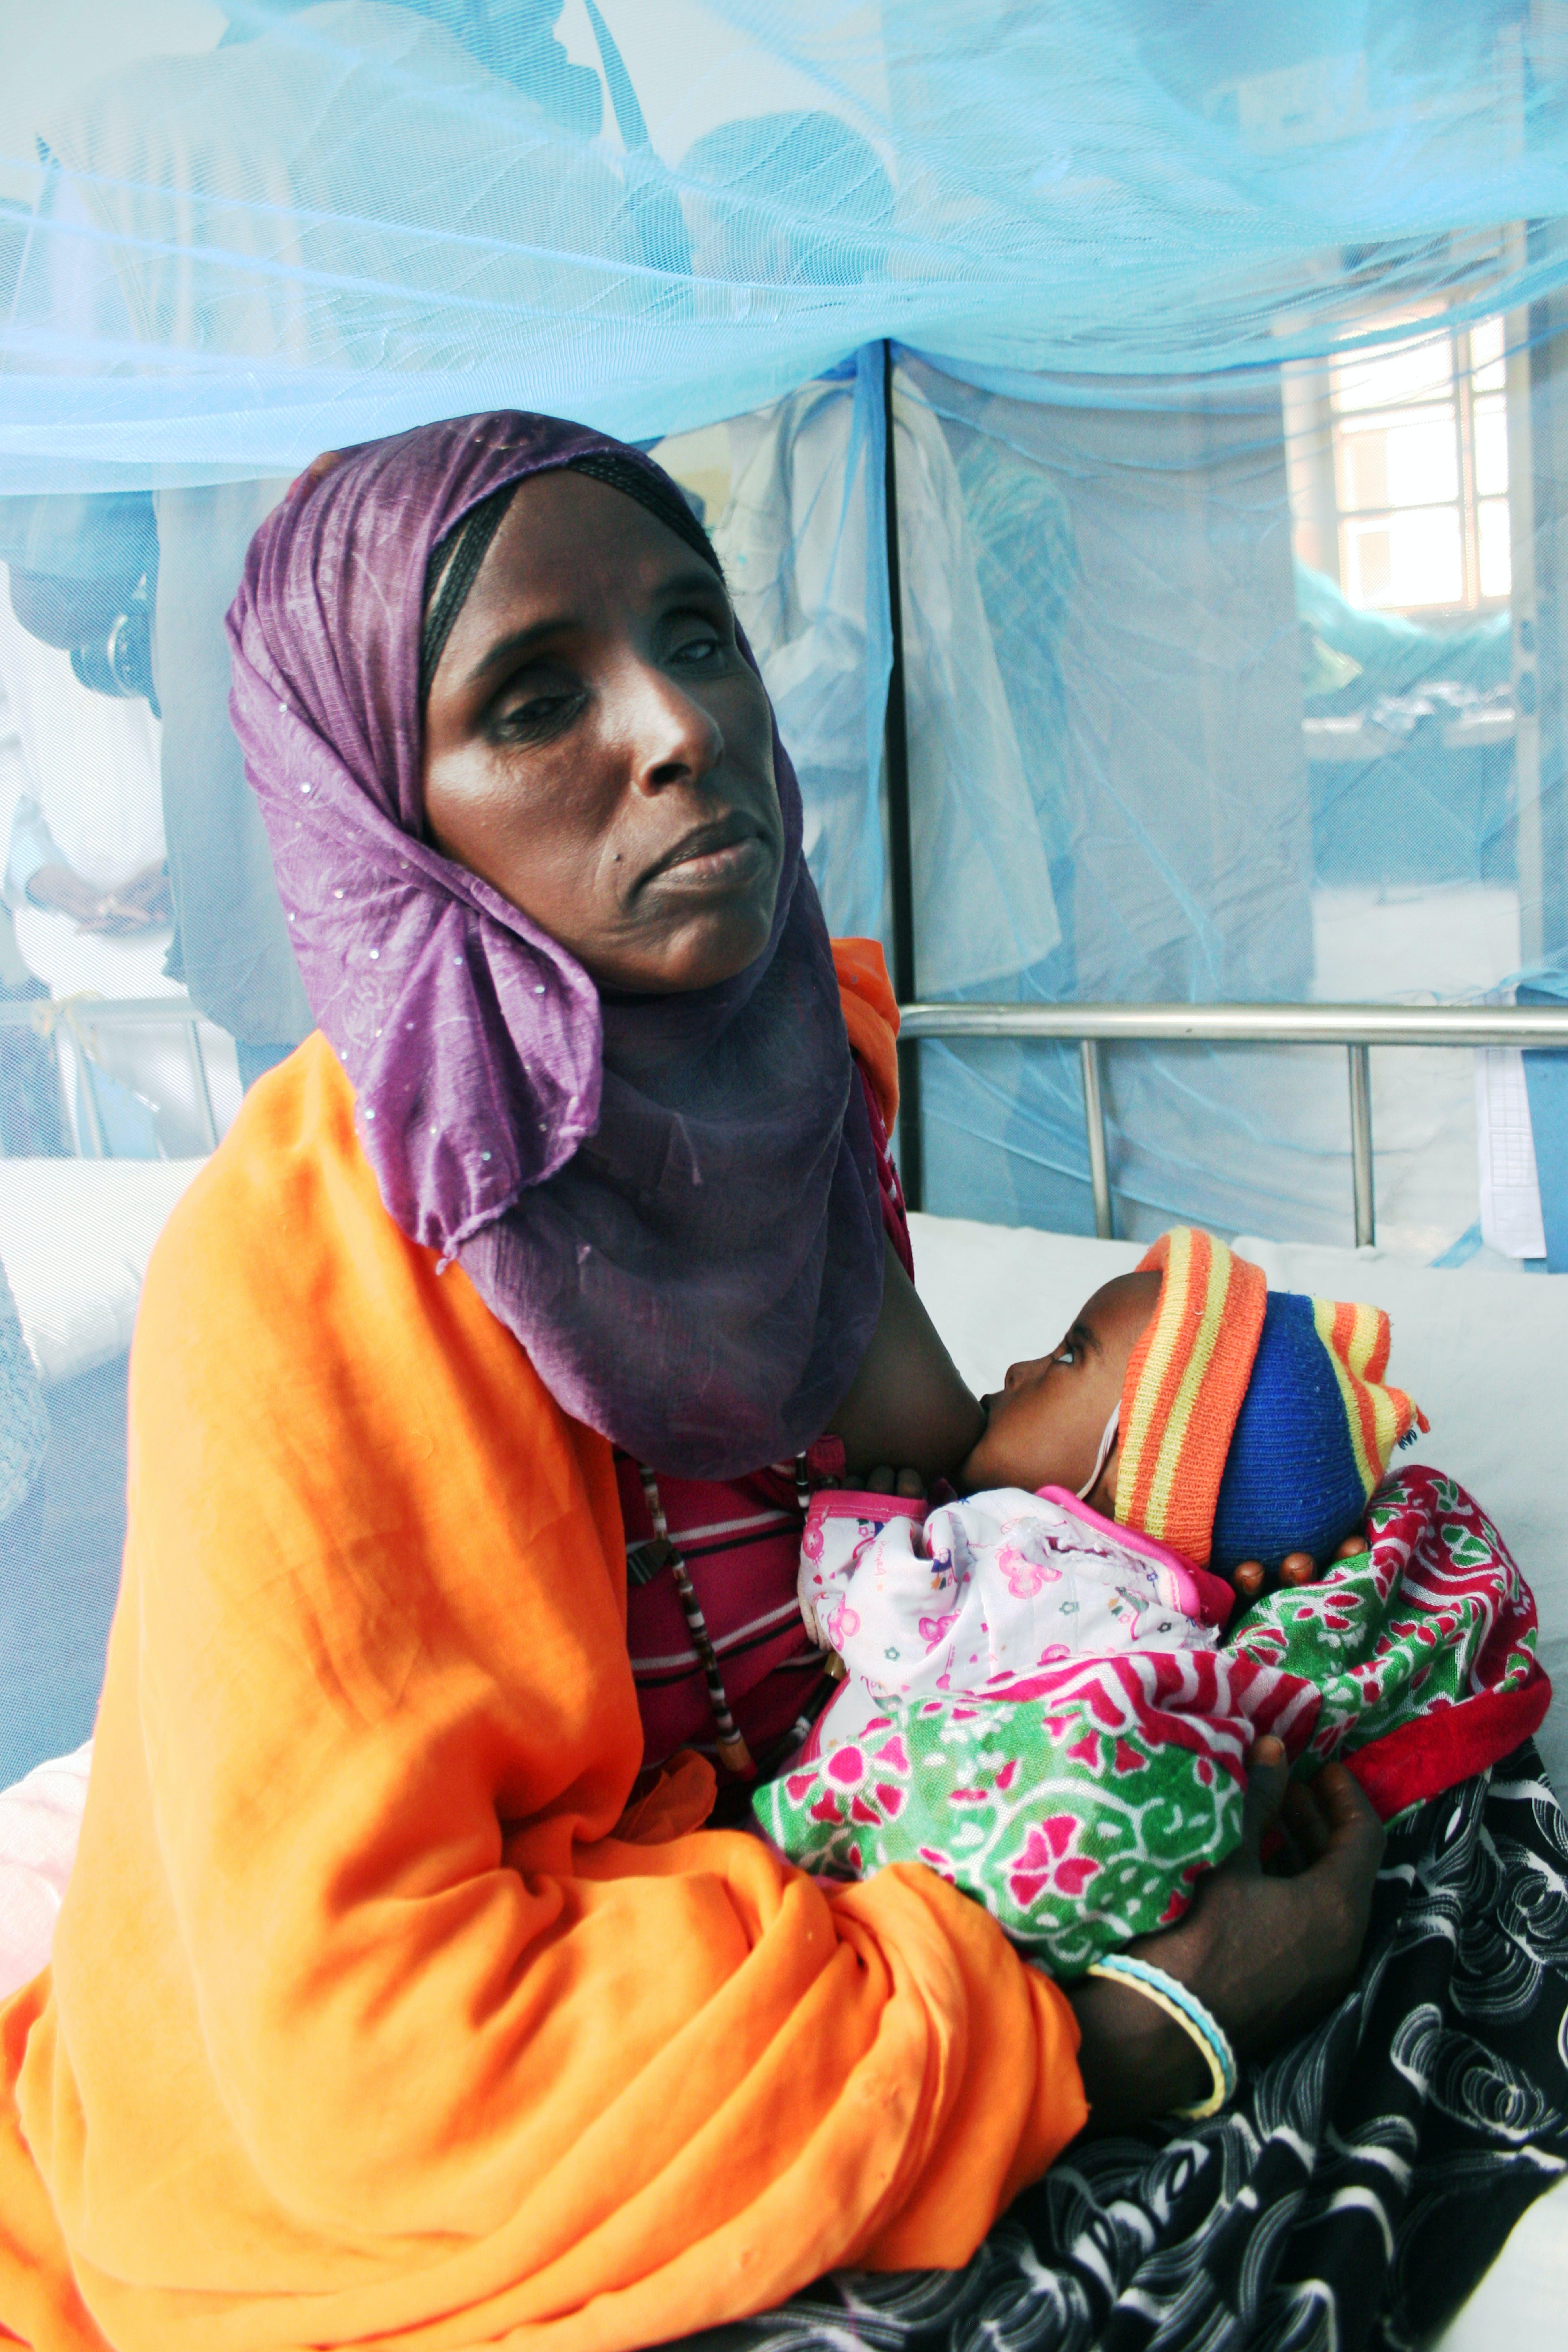 ©Patrizia Paternò/UNICEF Italia. Un bambino gravemente malnutrito con la mamma all'Ospedale di Keren Hospital.